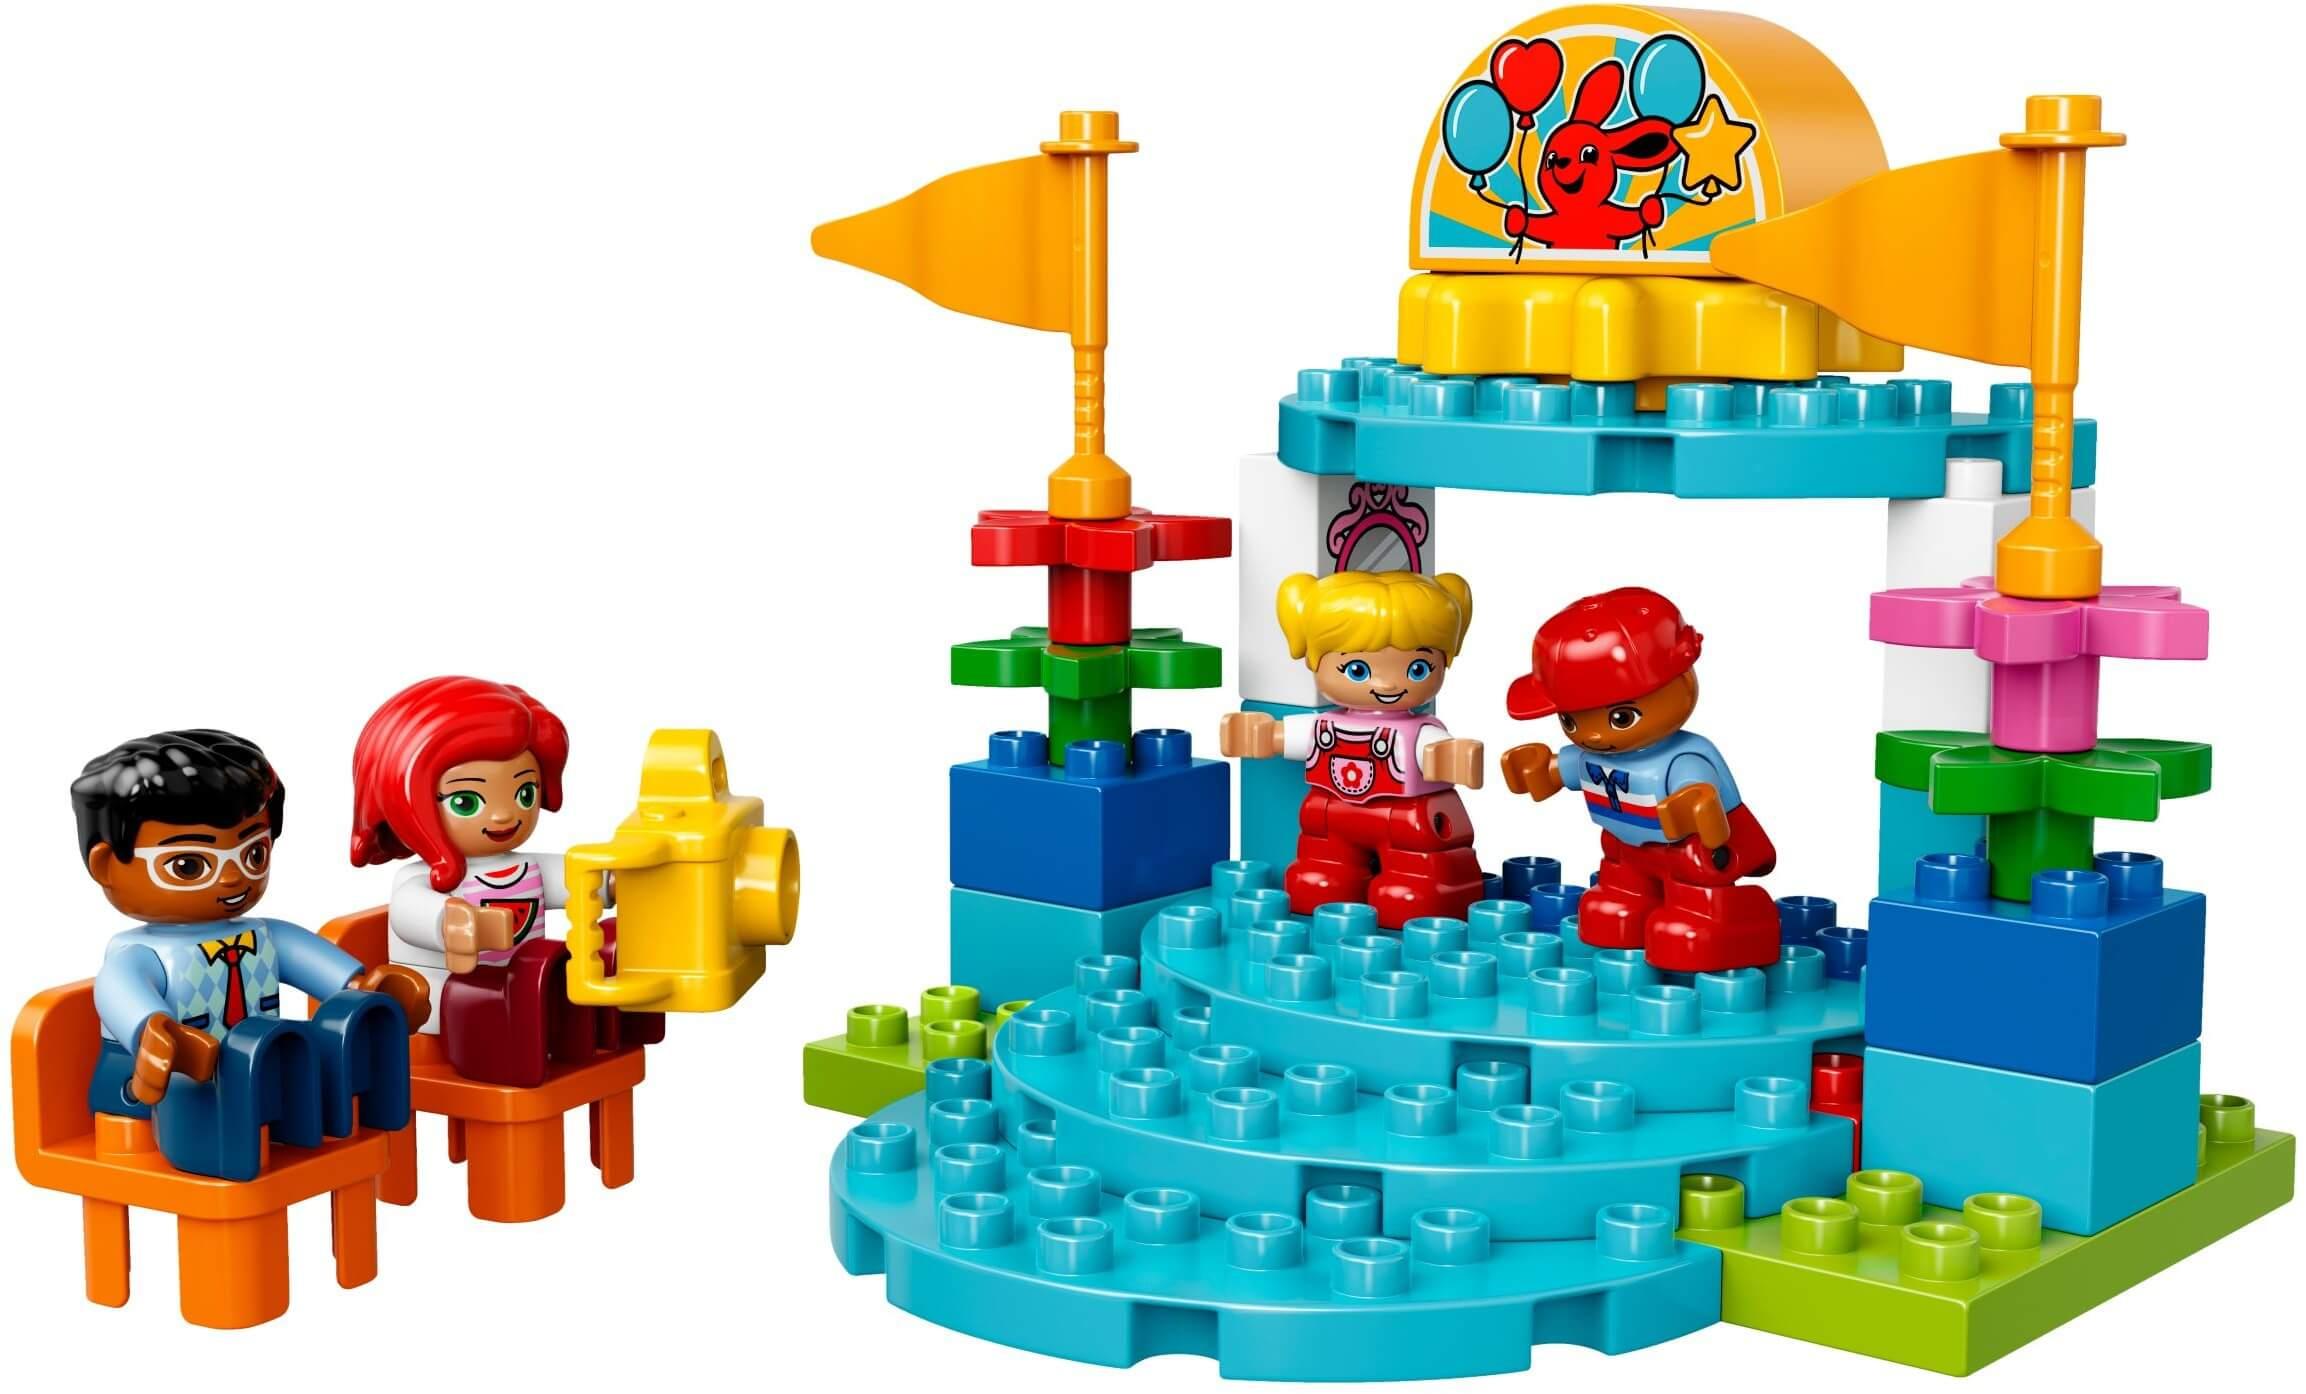 Mua đồ chơi LEGO 10841 - LEGO Duplo 10841 - Trò Chơi Đu Quay và Bán Quán (LEGO Duplo Fun Family Fair)